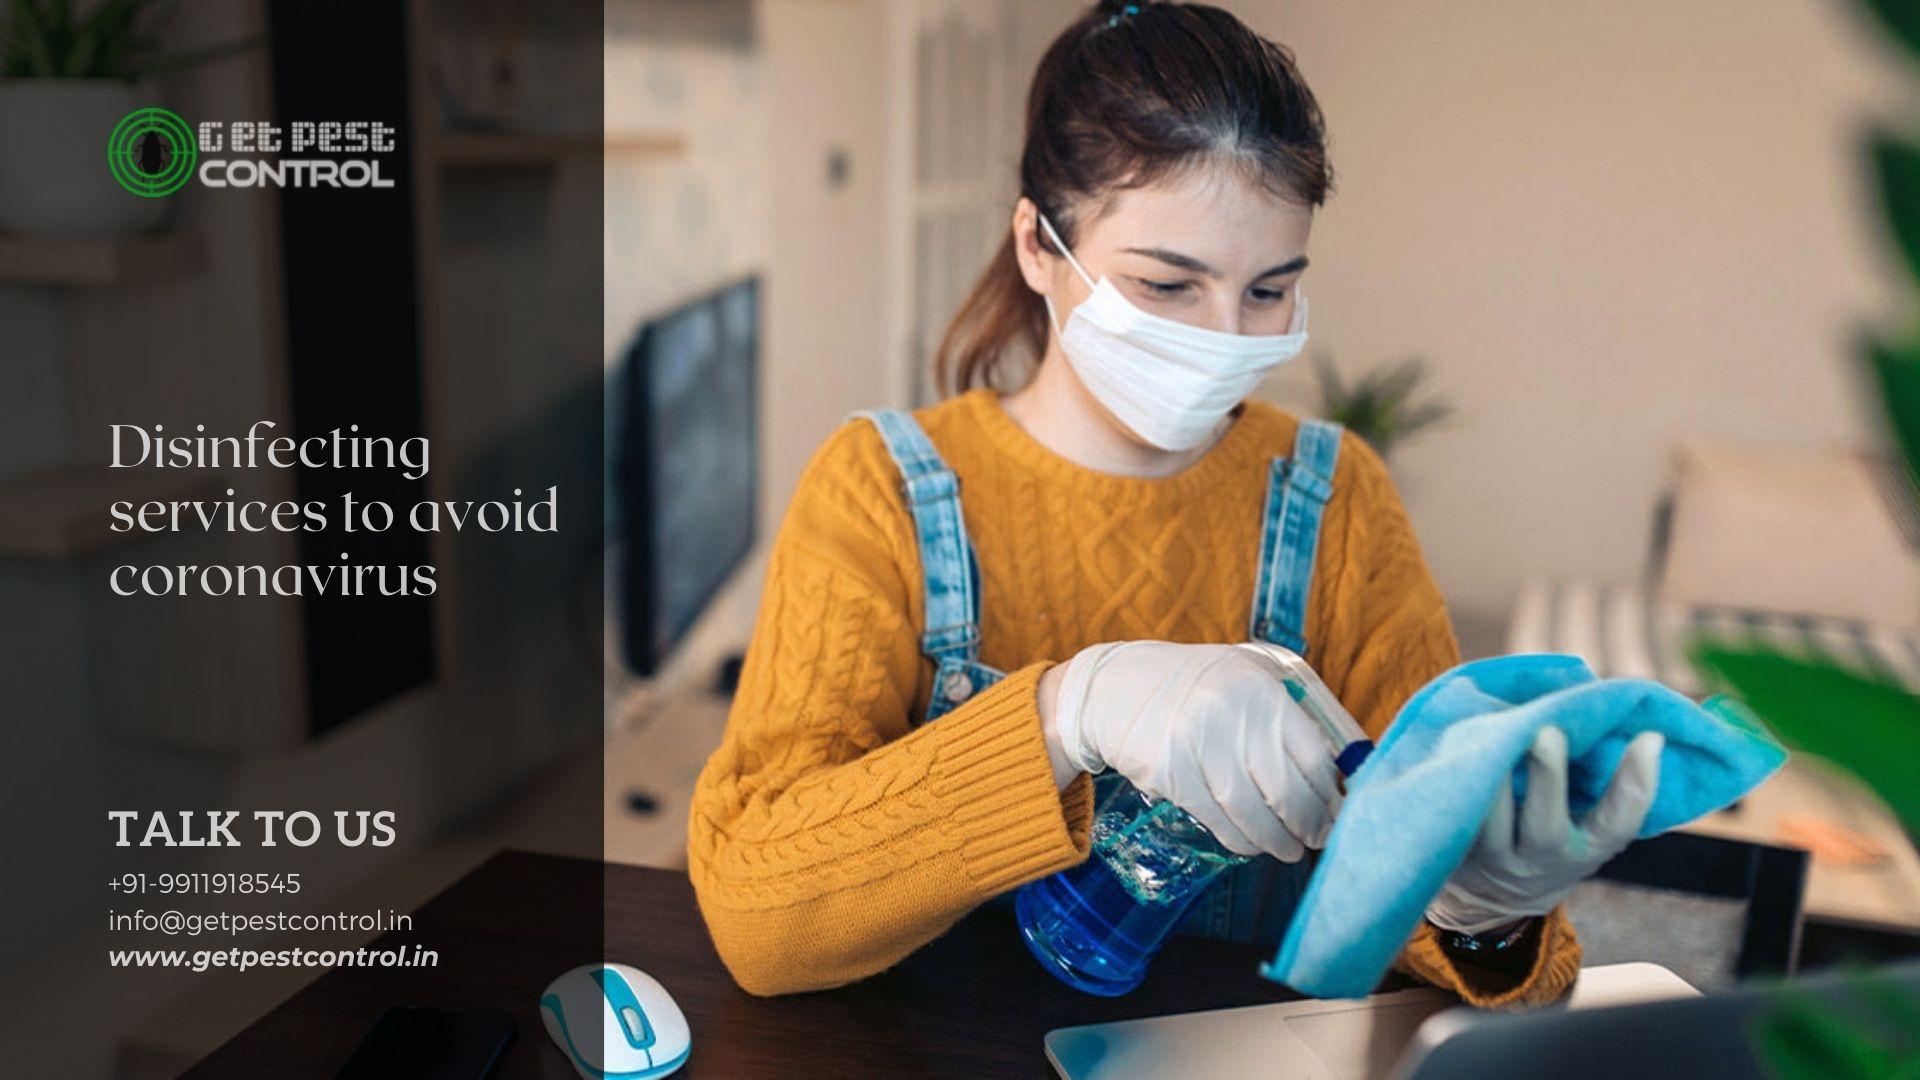 Disinfecting services to avoid coronavirus